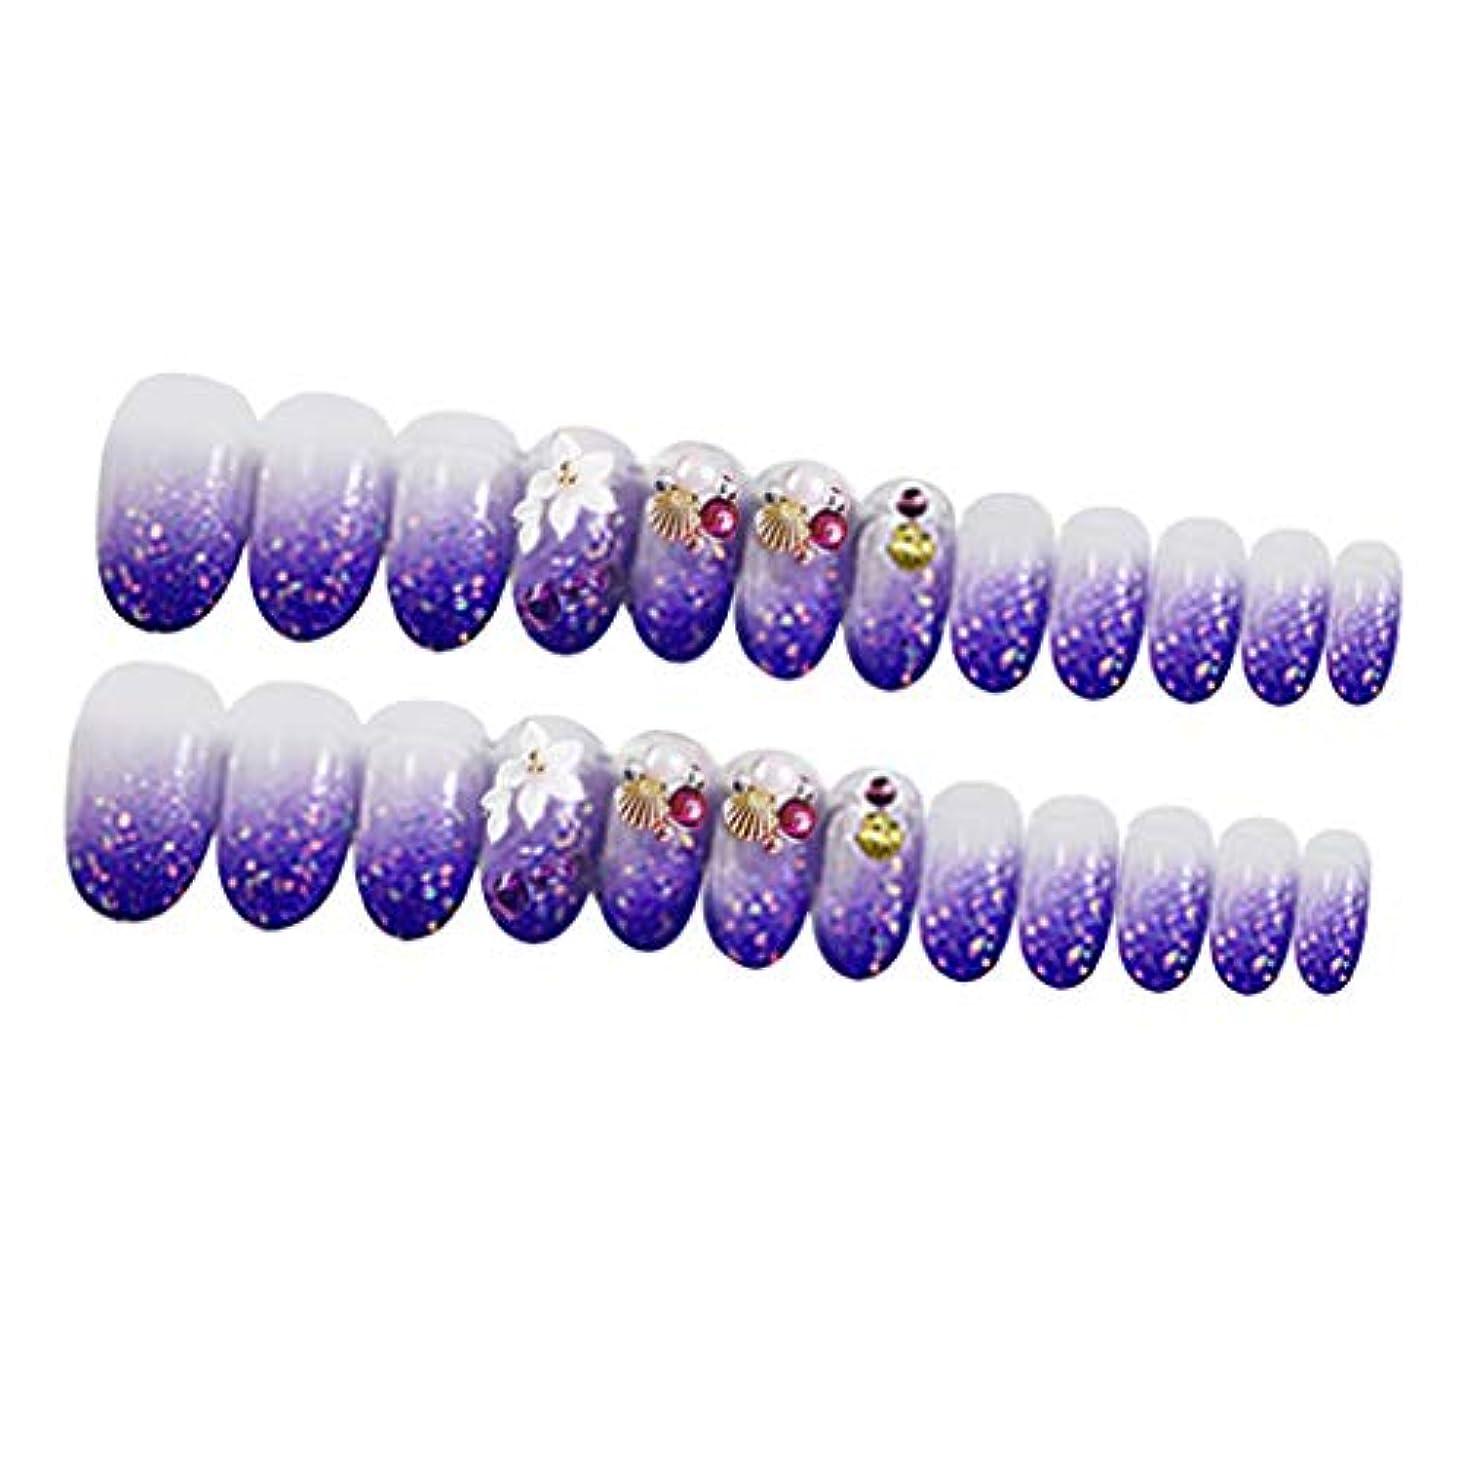 返還事実寸前ネイルチップ ネイルヒント ネイルデコレーション 12サイズ 24個セット 2色オプション - 紫の